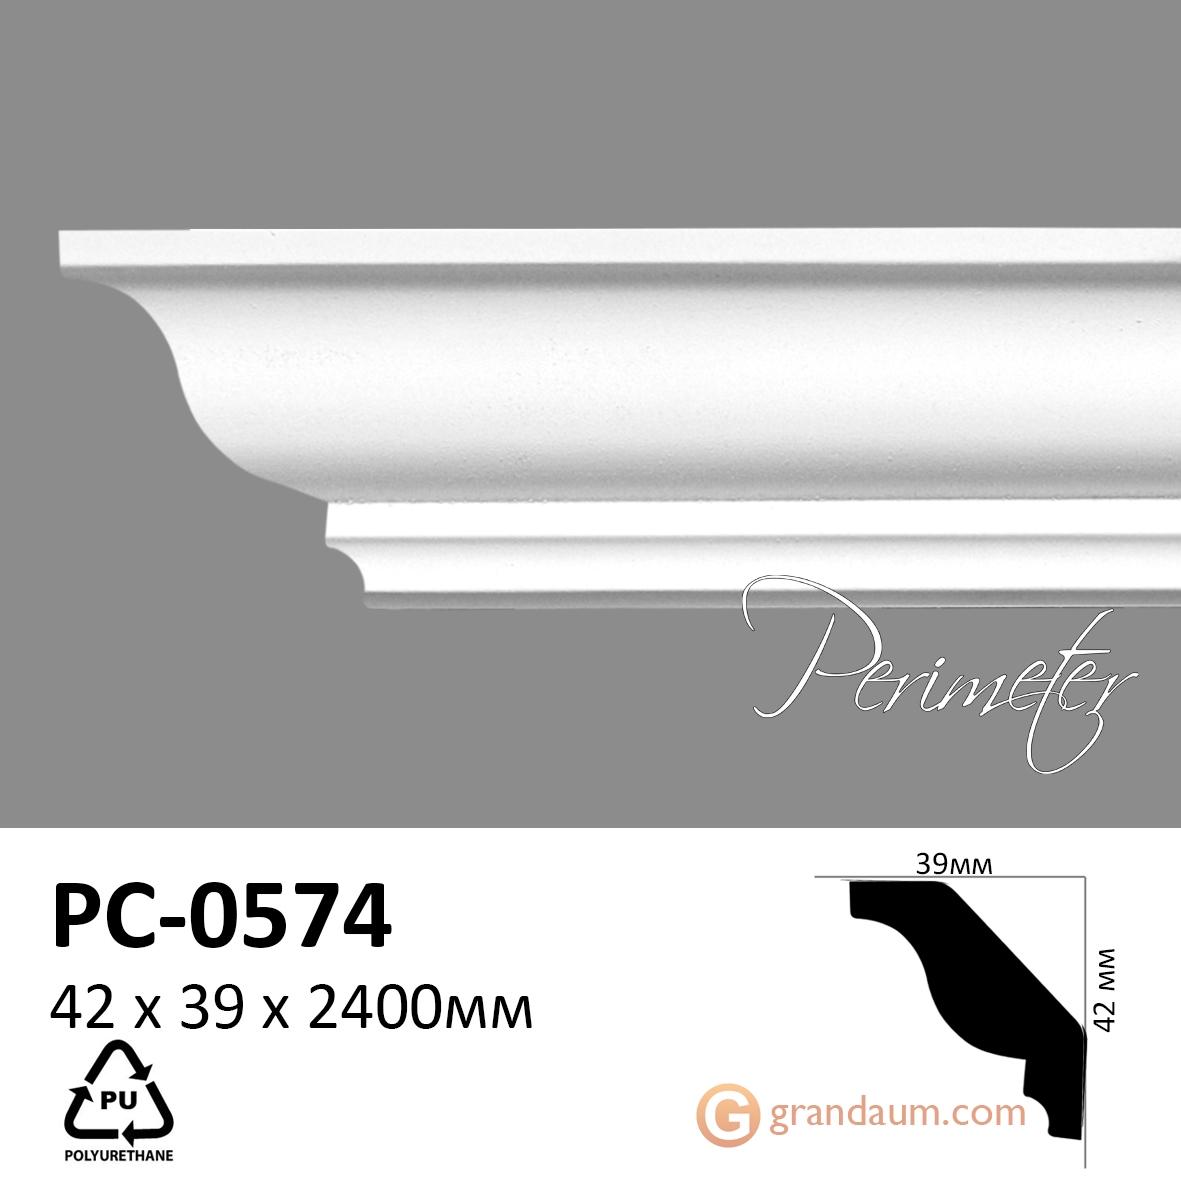 Карниз с гладким профилем Perimeter PC-0574